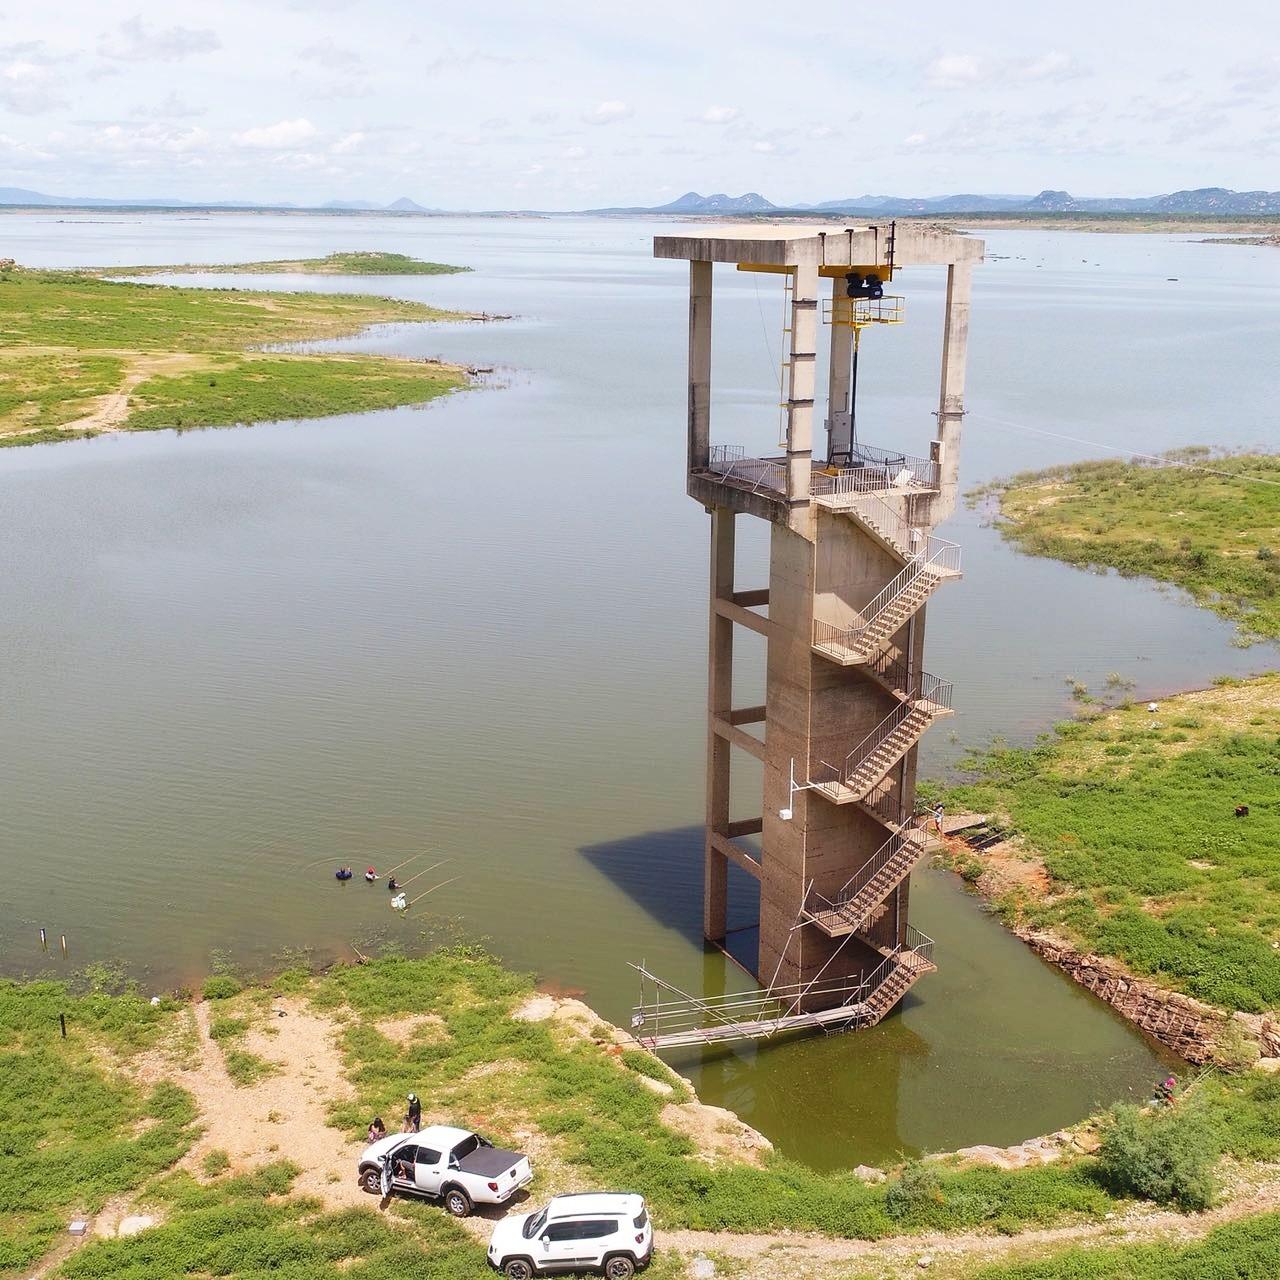 Governo decide criar comitê para monitorar barragens do RN - Noticias